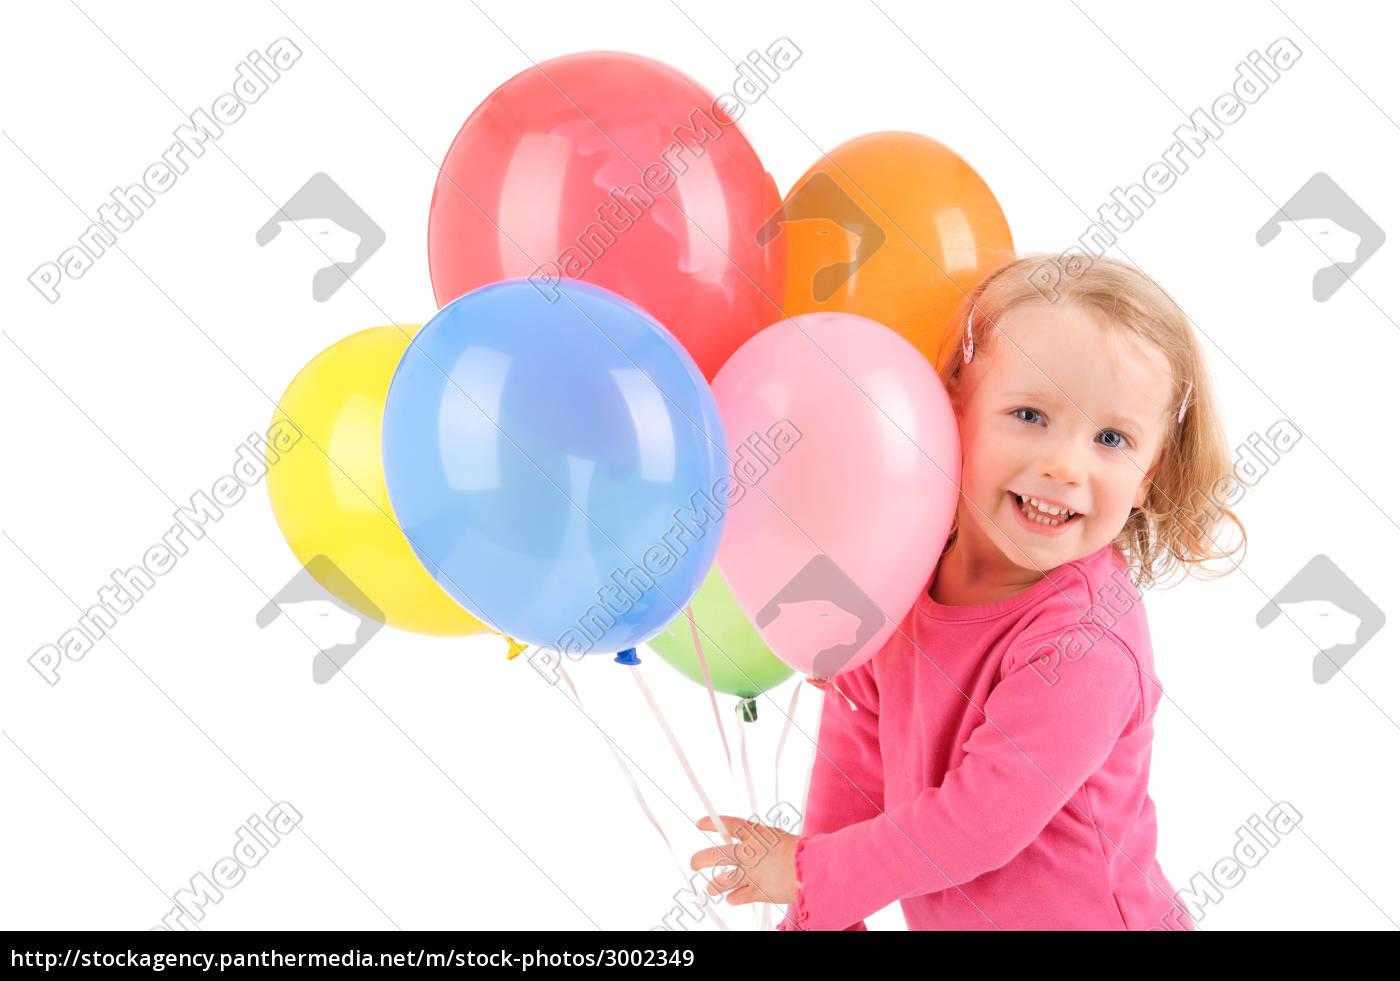 niño, con, los, globos - 3002349